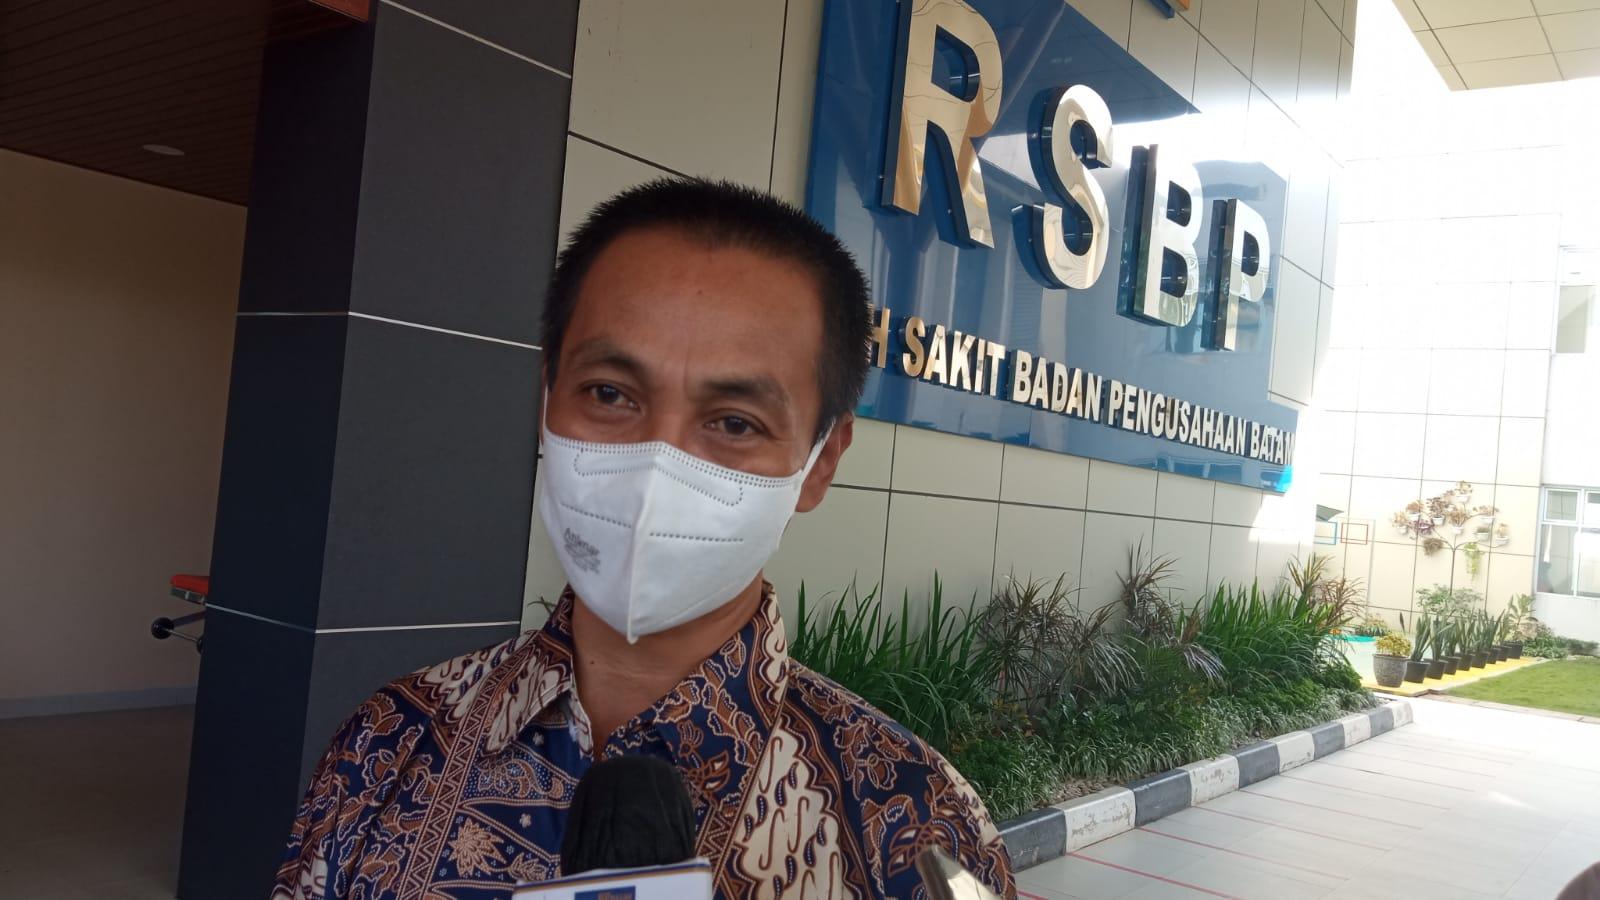 Foto Batam, BP Batam, Fasilitas di RSBP Batam, Layanan RSBP Batam, RSBP Batam, Rsbp batam jamin ketersediaan oksigen